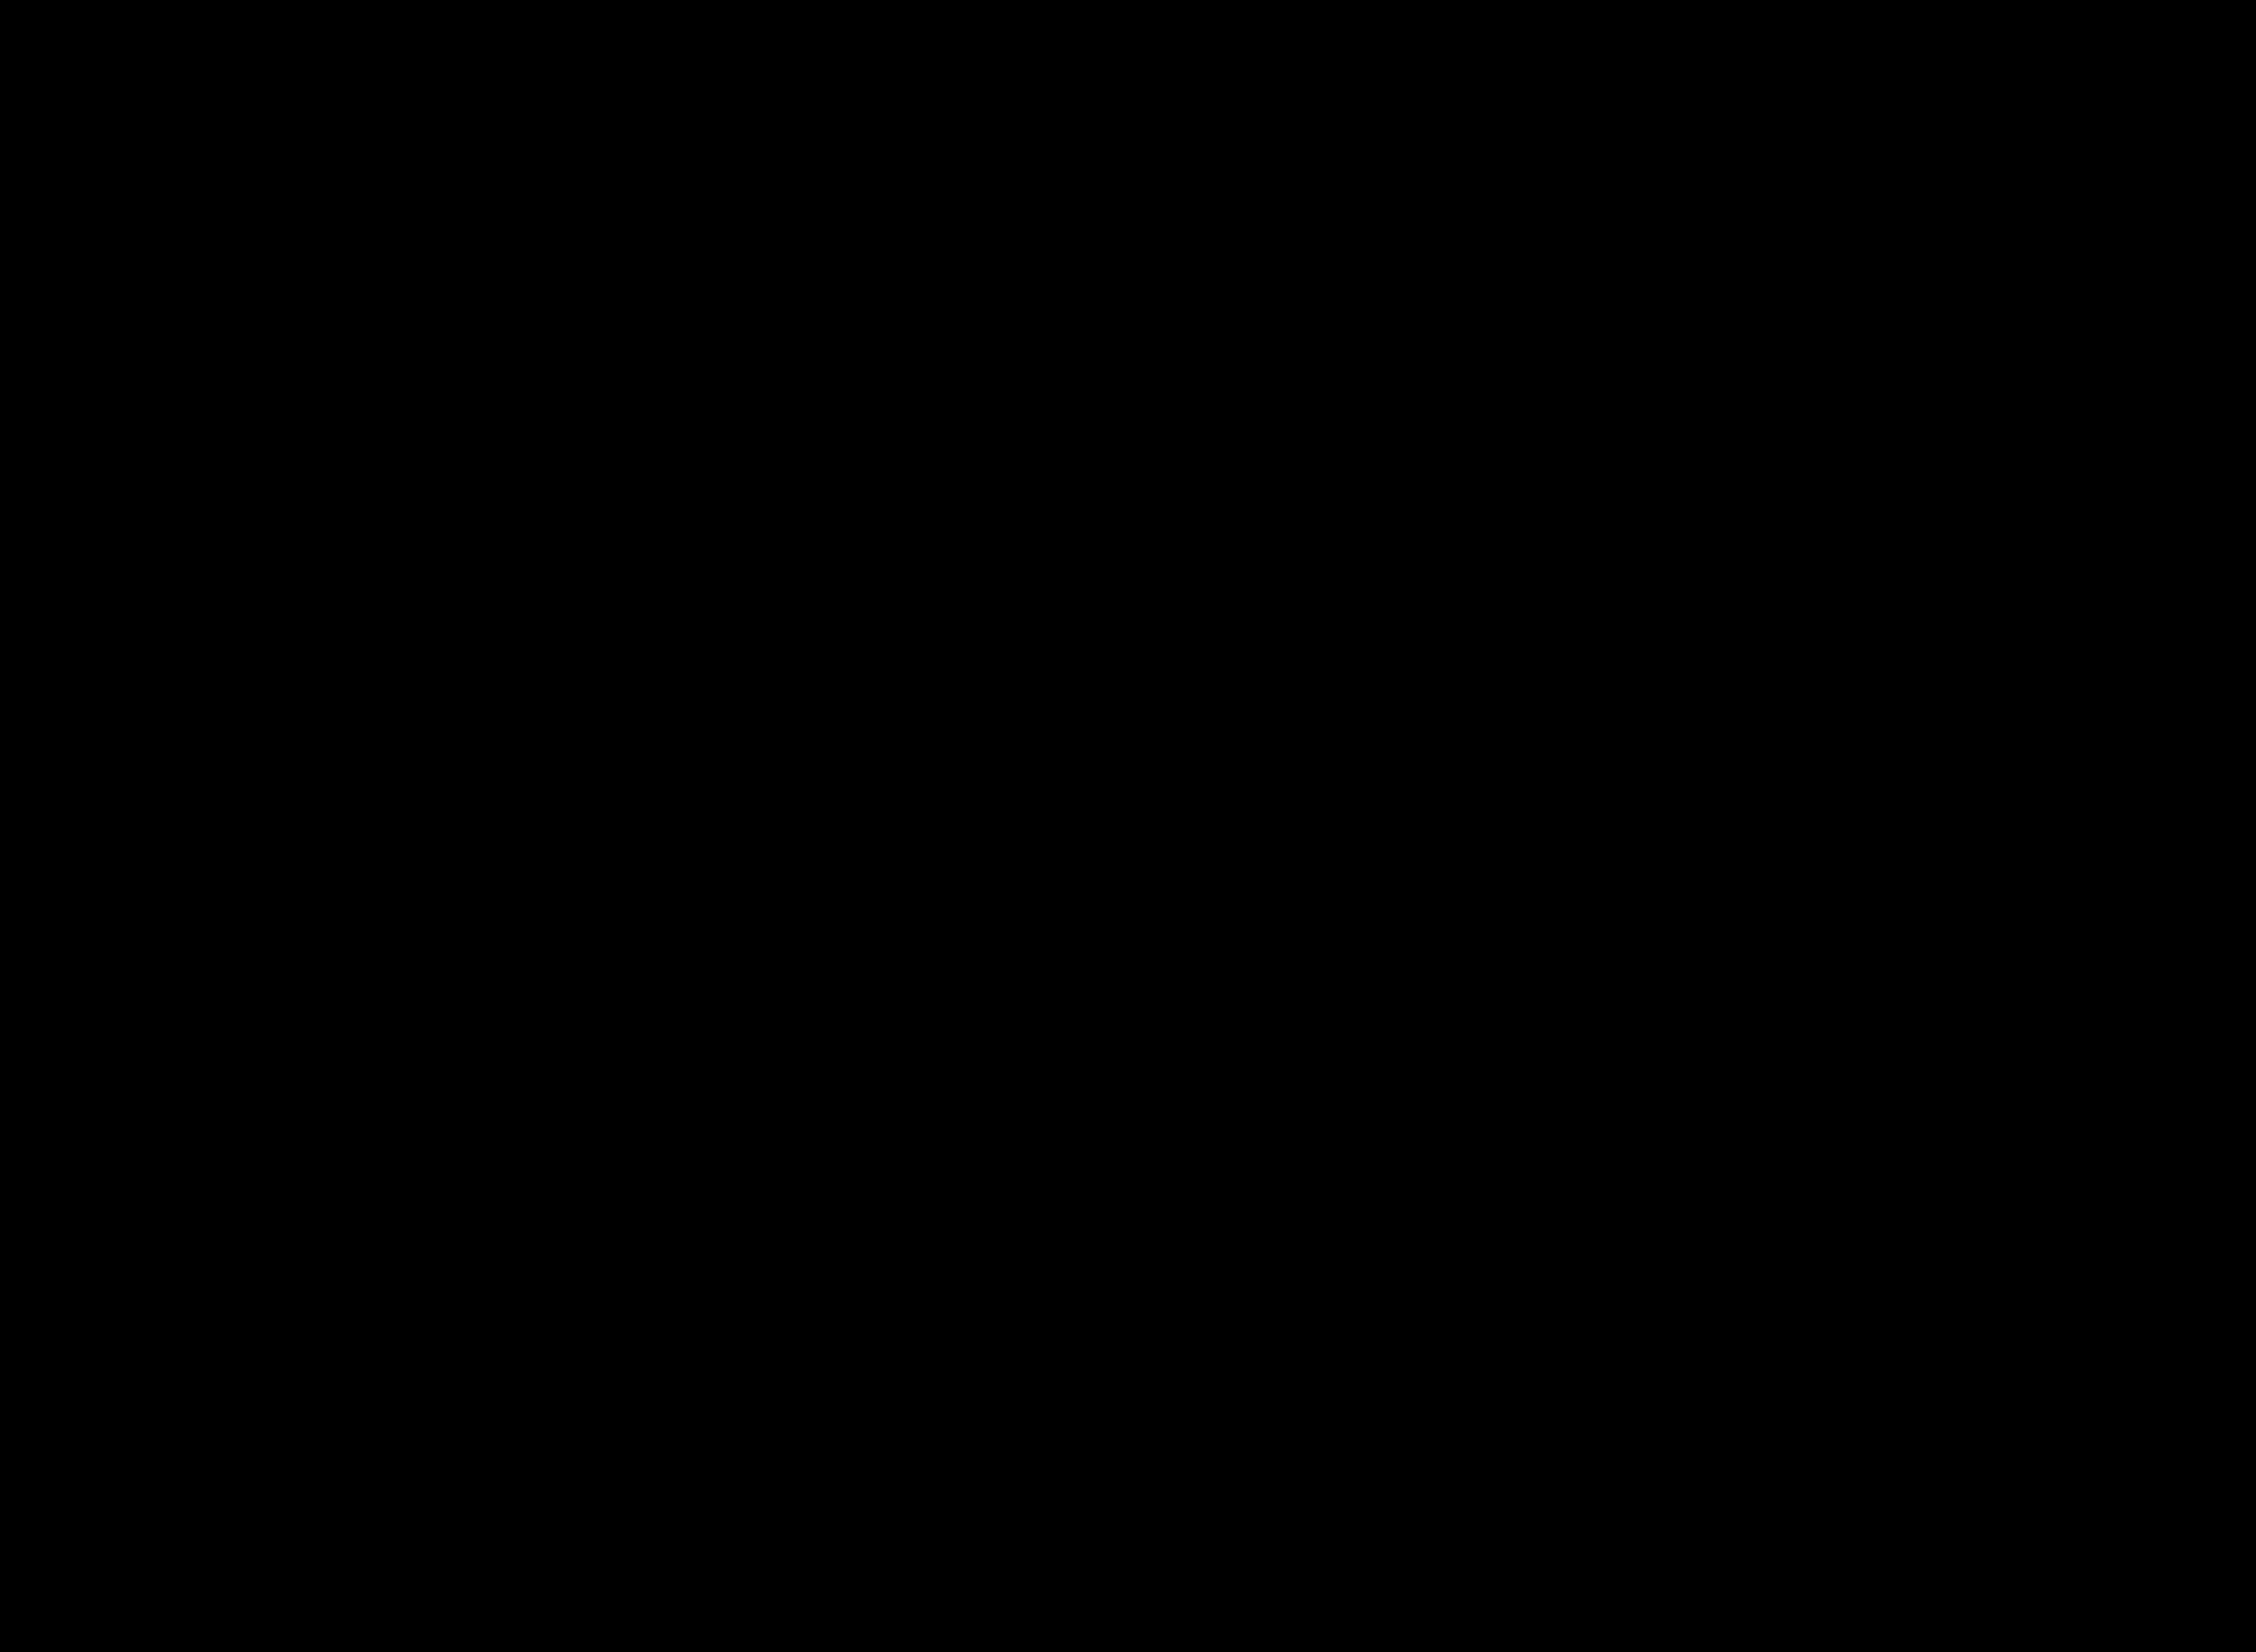 Swan silhouette. Roadrunner clipart black and white